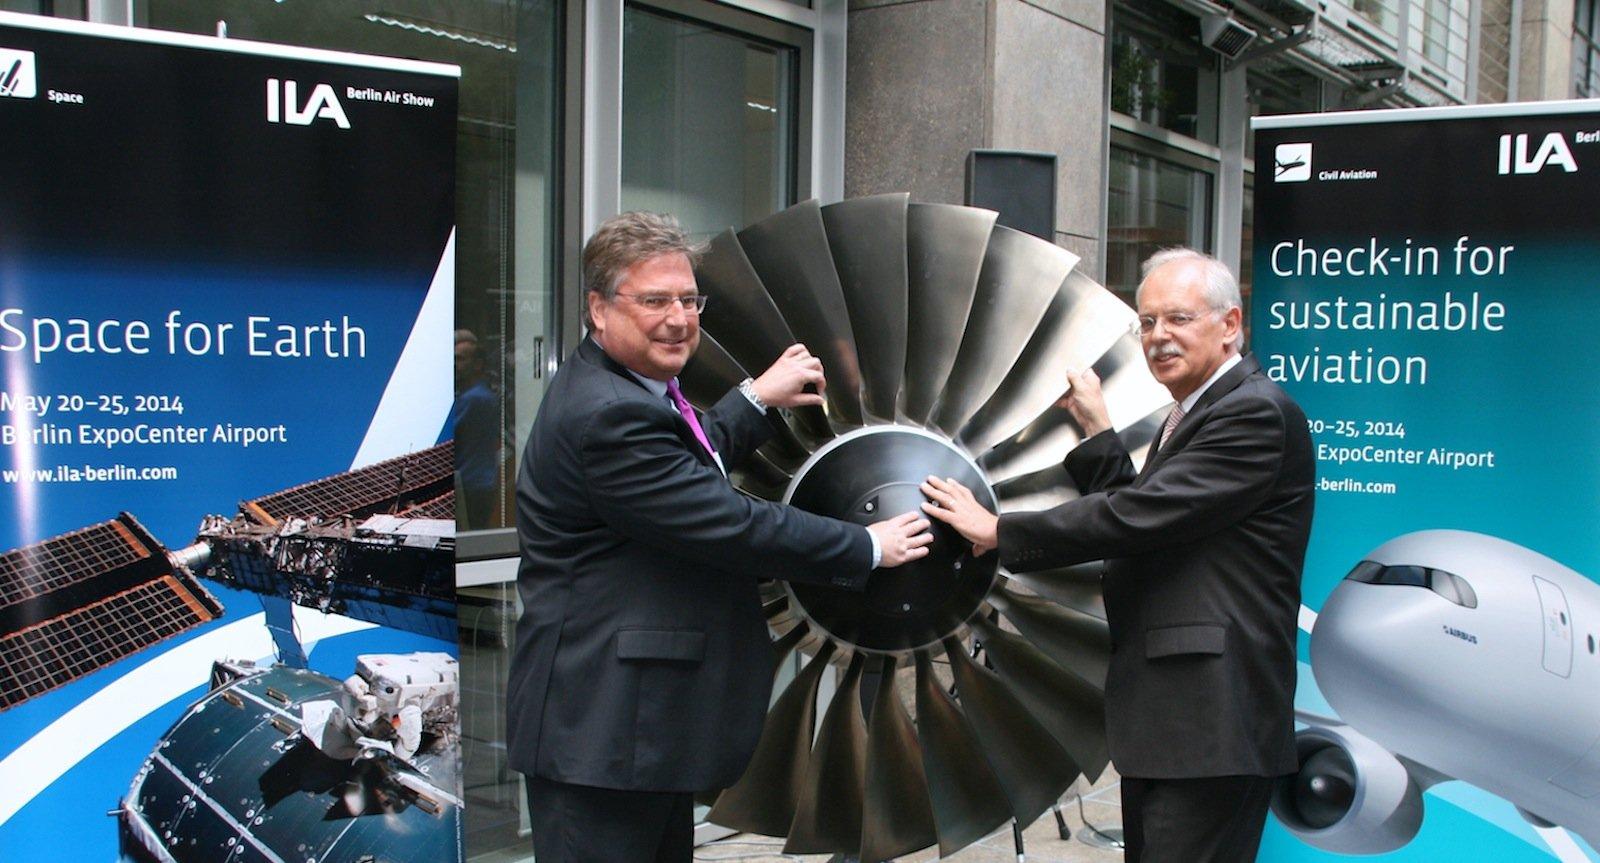 Bringen mächtig Schubkraft für die ILA 2014: Stefan Grave, ILA-Direktor der Messe Berlin GmbH (li.), und Dietmar Schrick, Hauptgeschäftsführer des Bundesverbandes der Deutschen Luft- und Raumfahrtindustrie (BDLI).